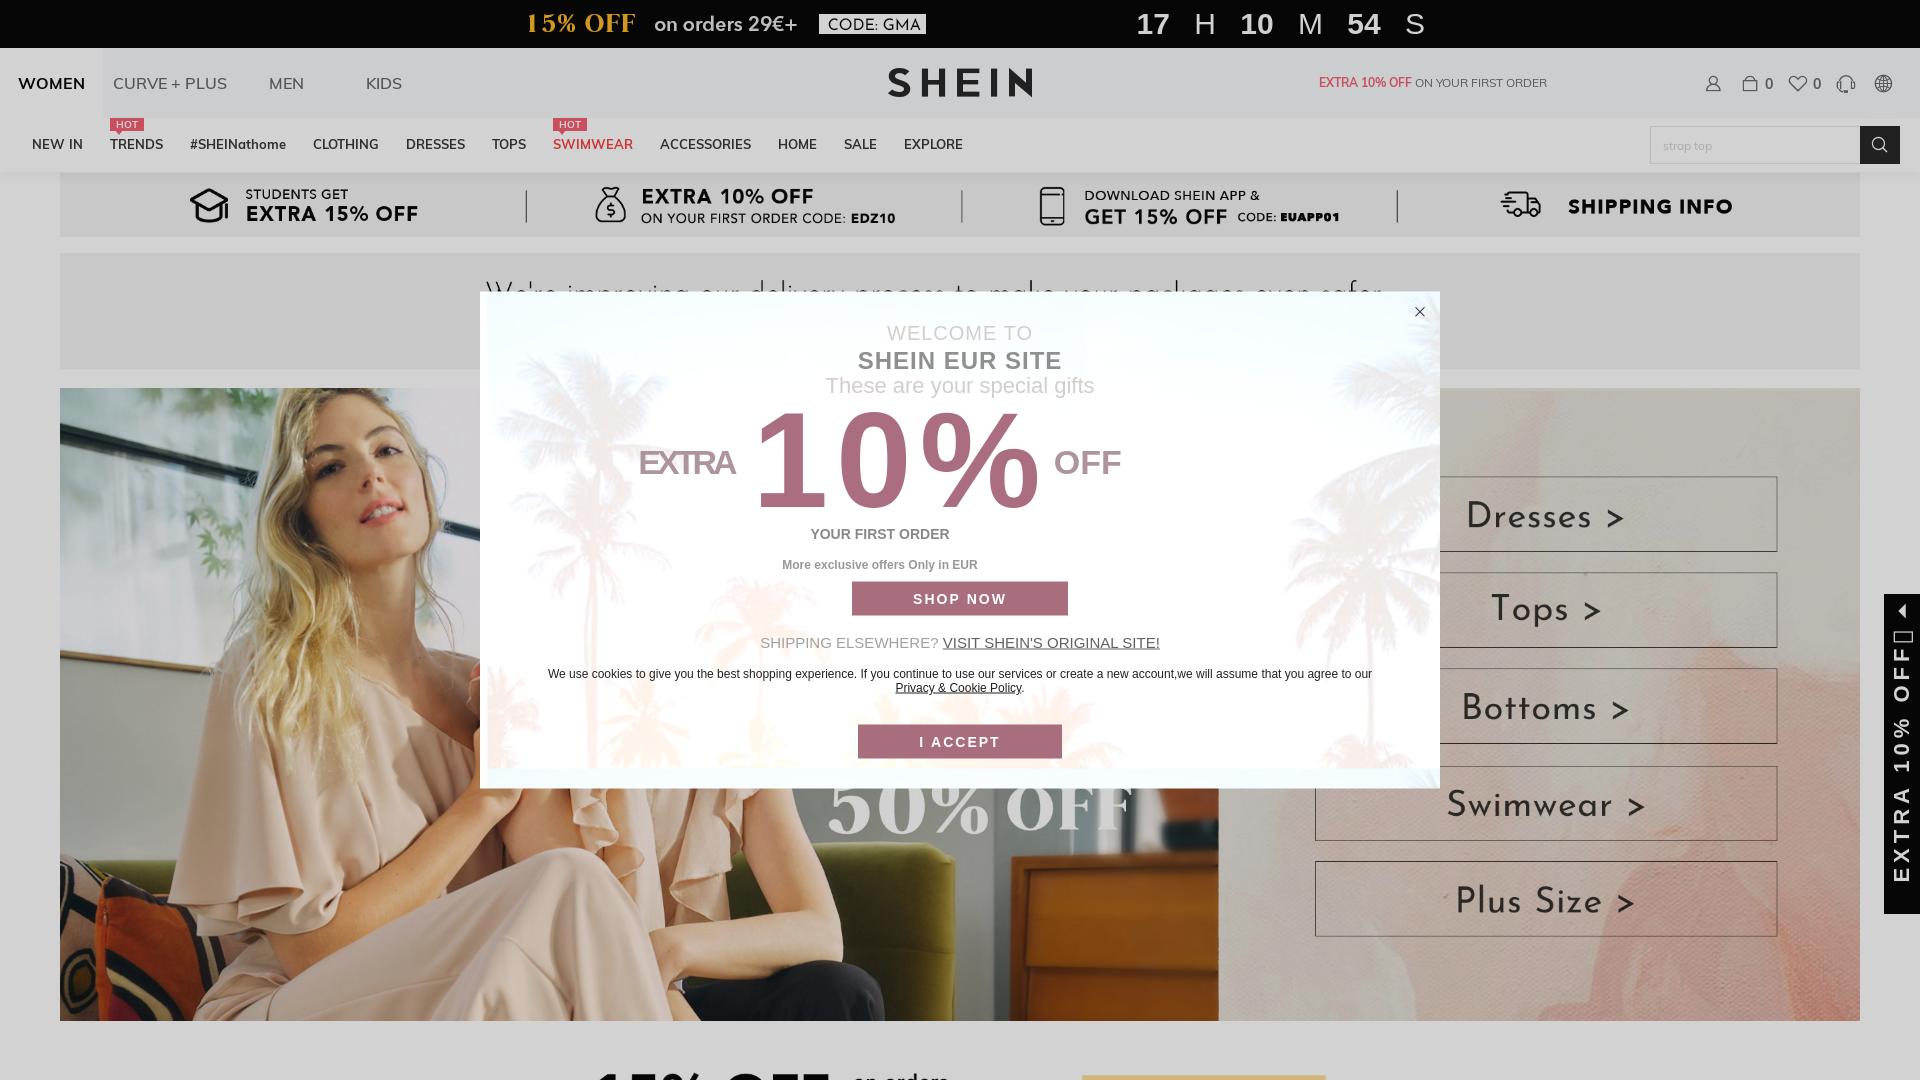 Shein / CPS website